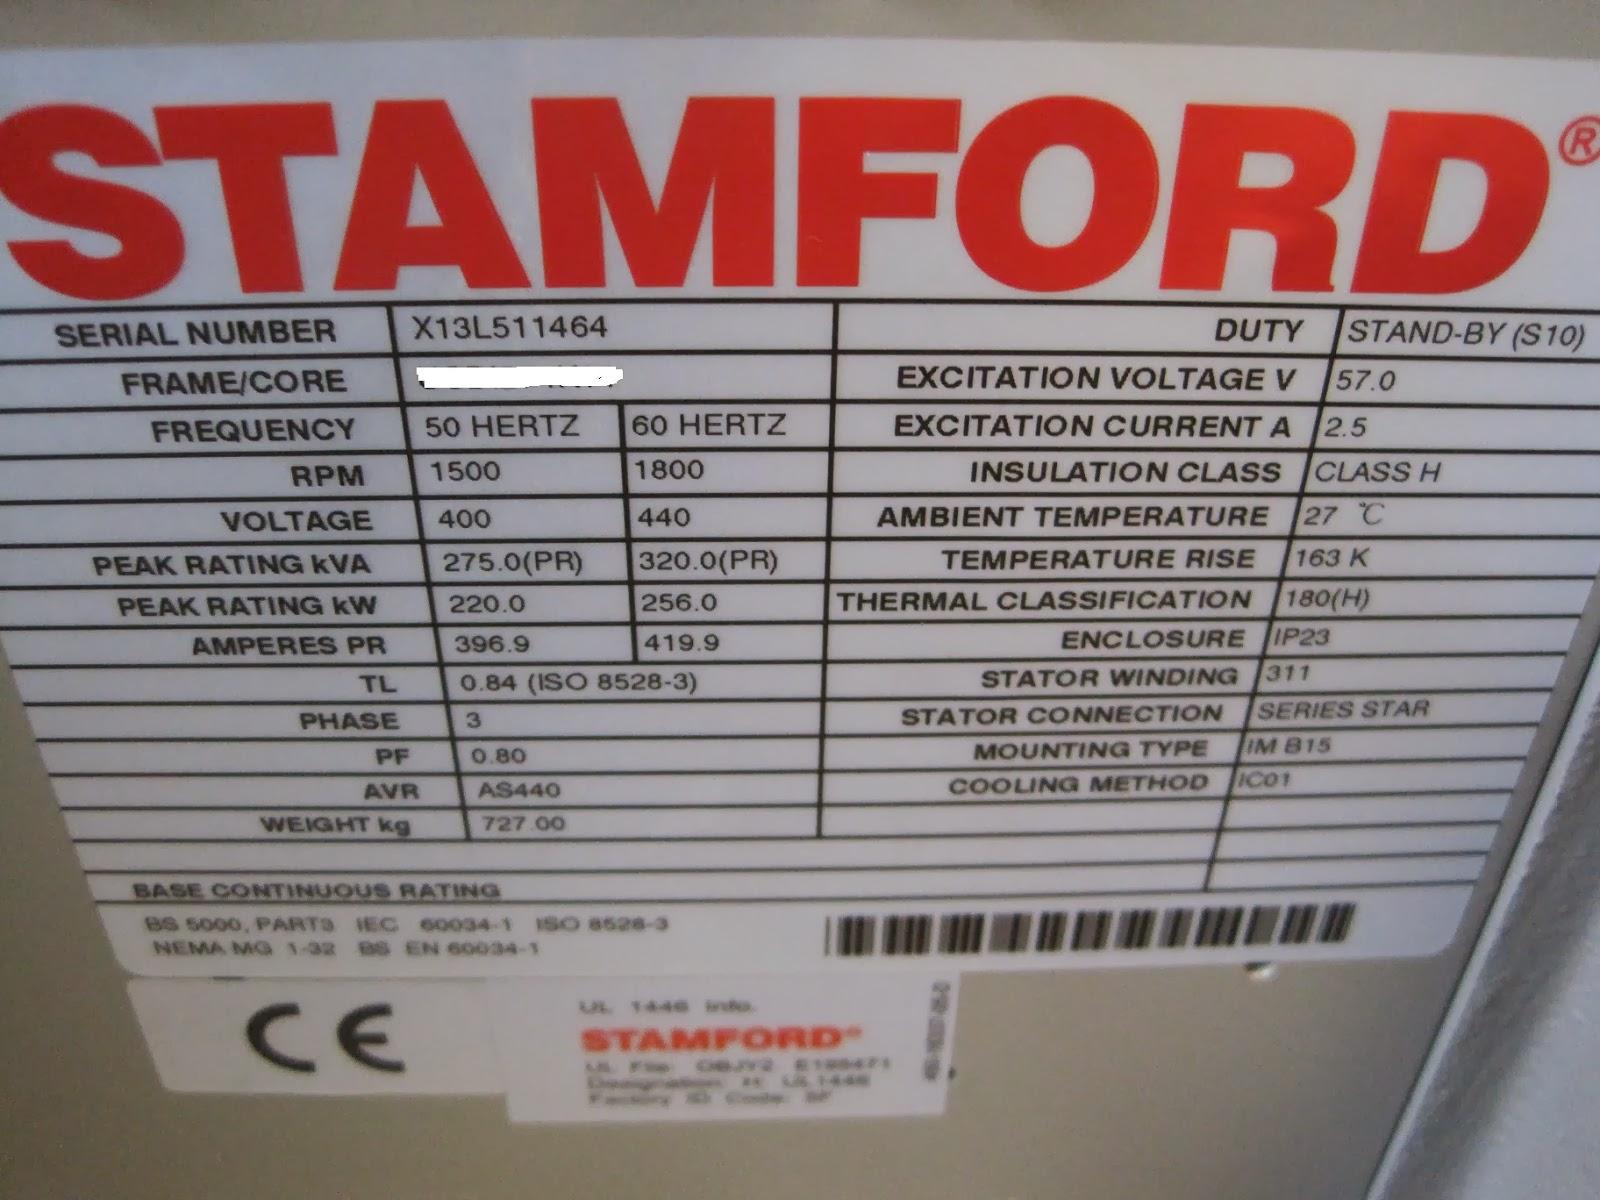 Stamford Generator manual on